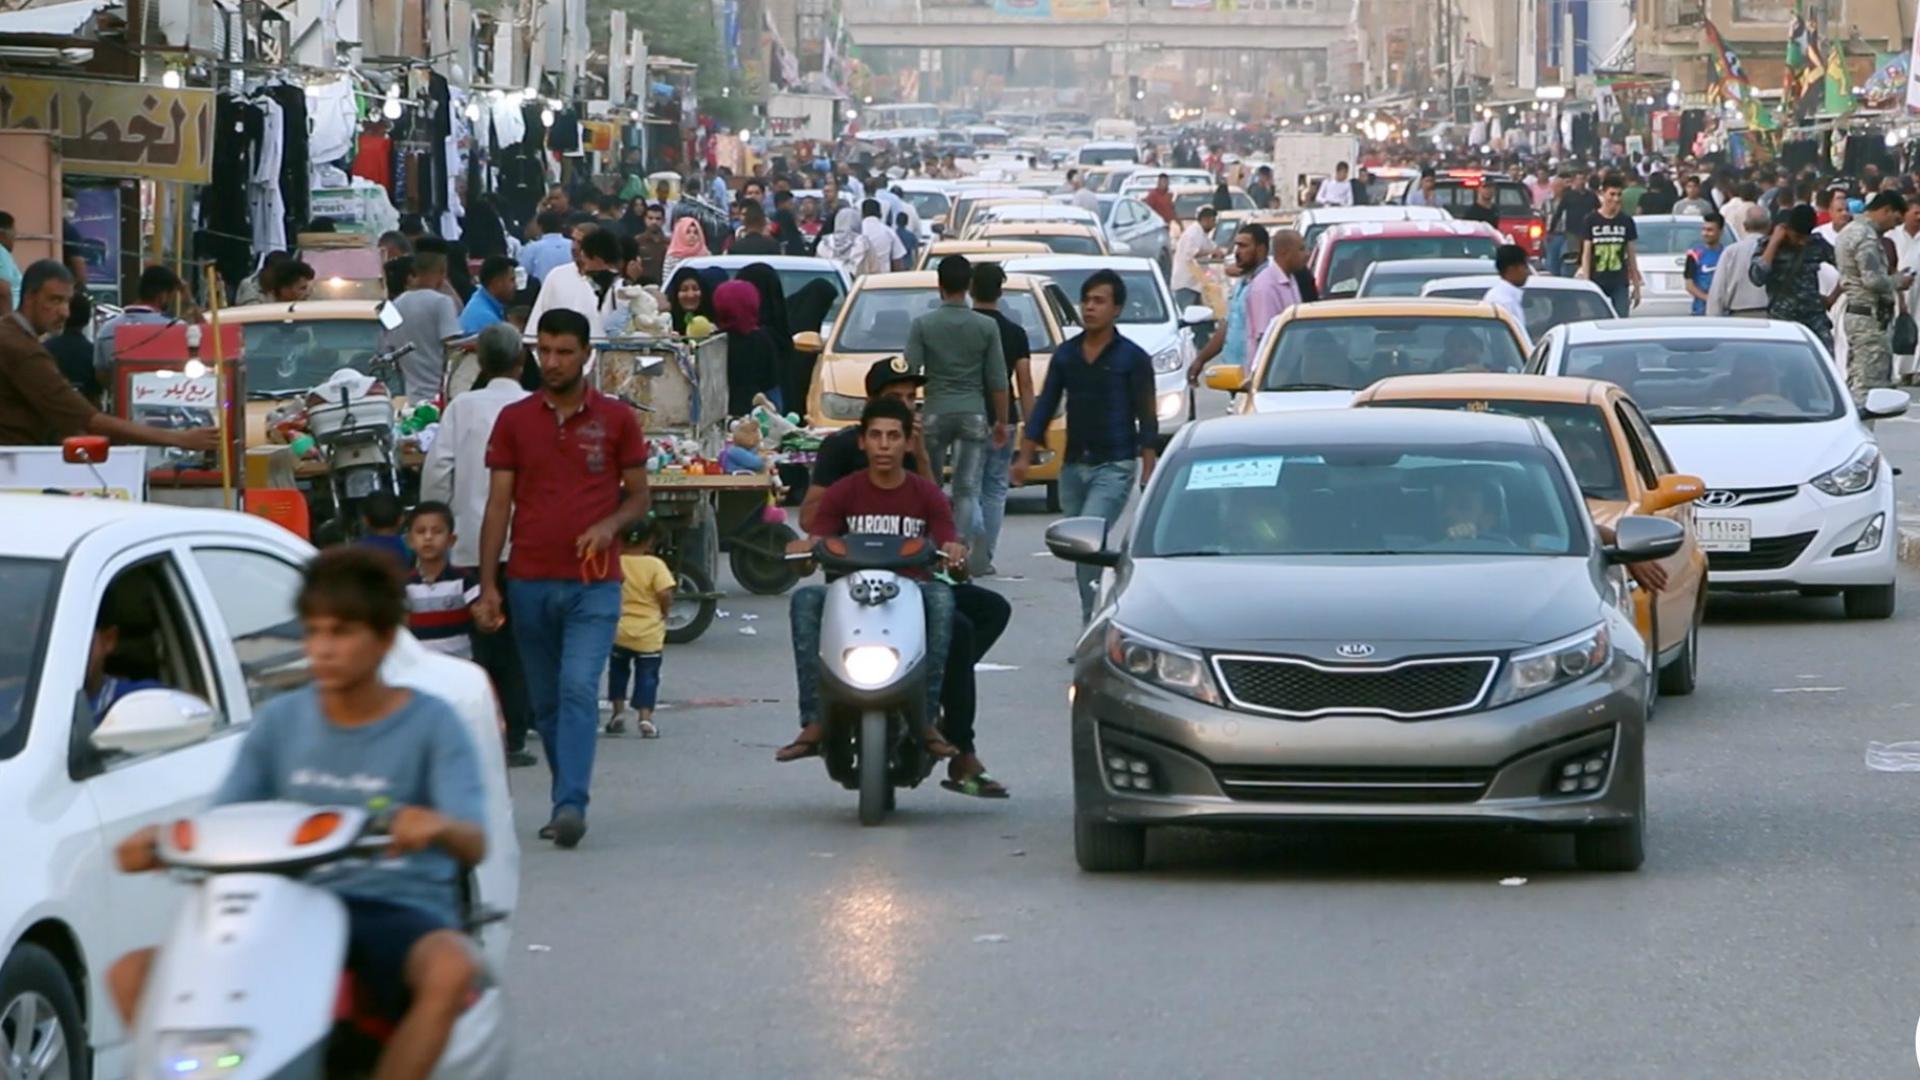 عدد سكان العراق يتجاوز 38 مليون نسمة ونصفهم تقريباً دون 15 سنة